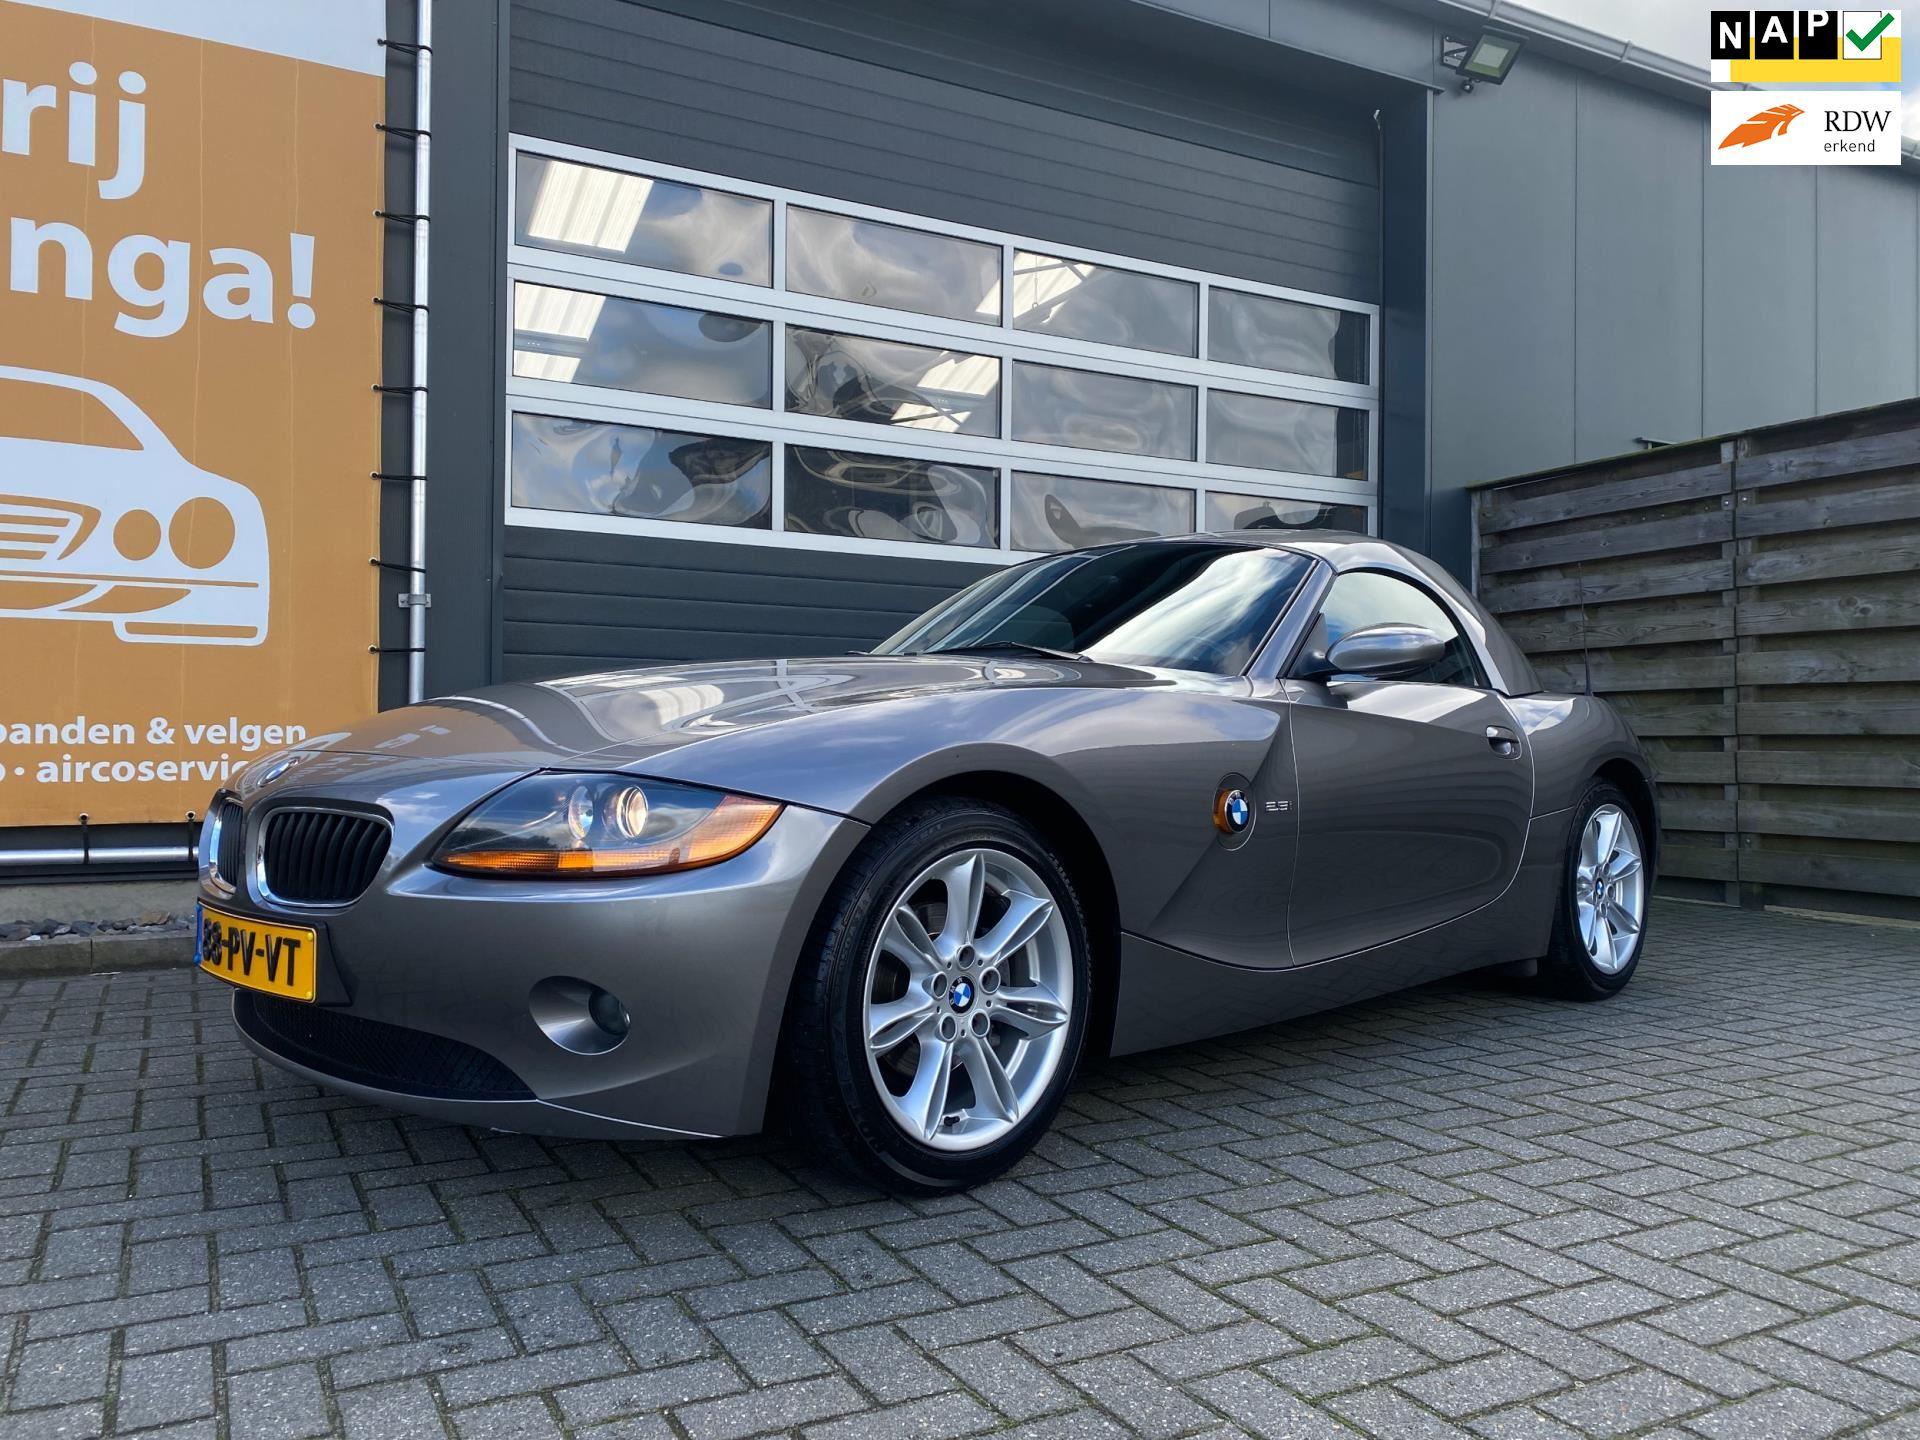 BMW Z4 Roadster occasion - Jeeninga Auto's